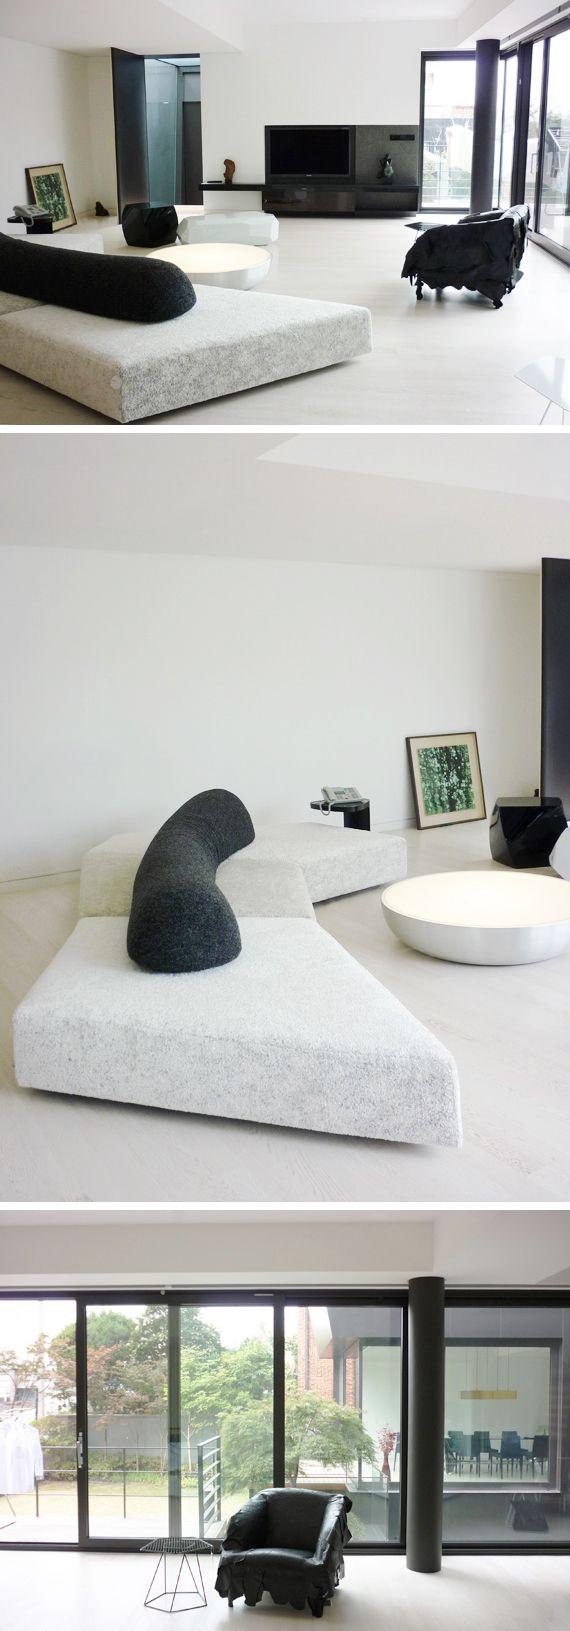 30 best wellz life style images on pinterest. Black Bedroom Furniture Sets. Home Design Ideas